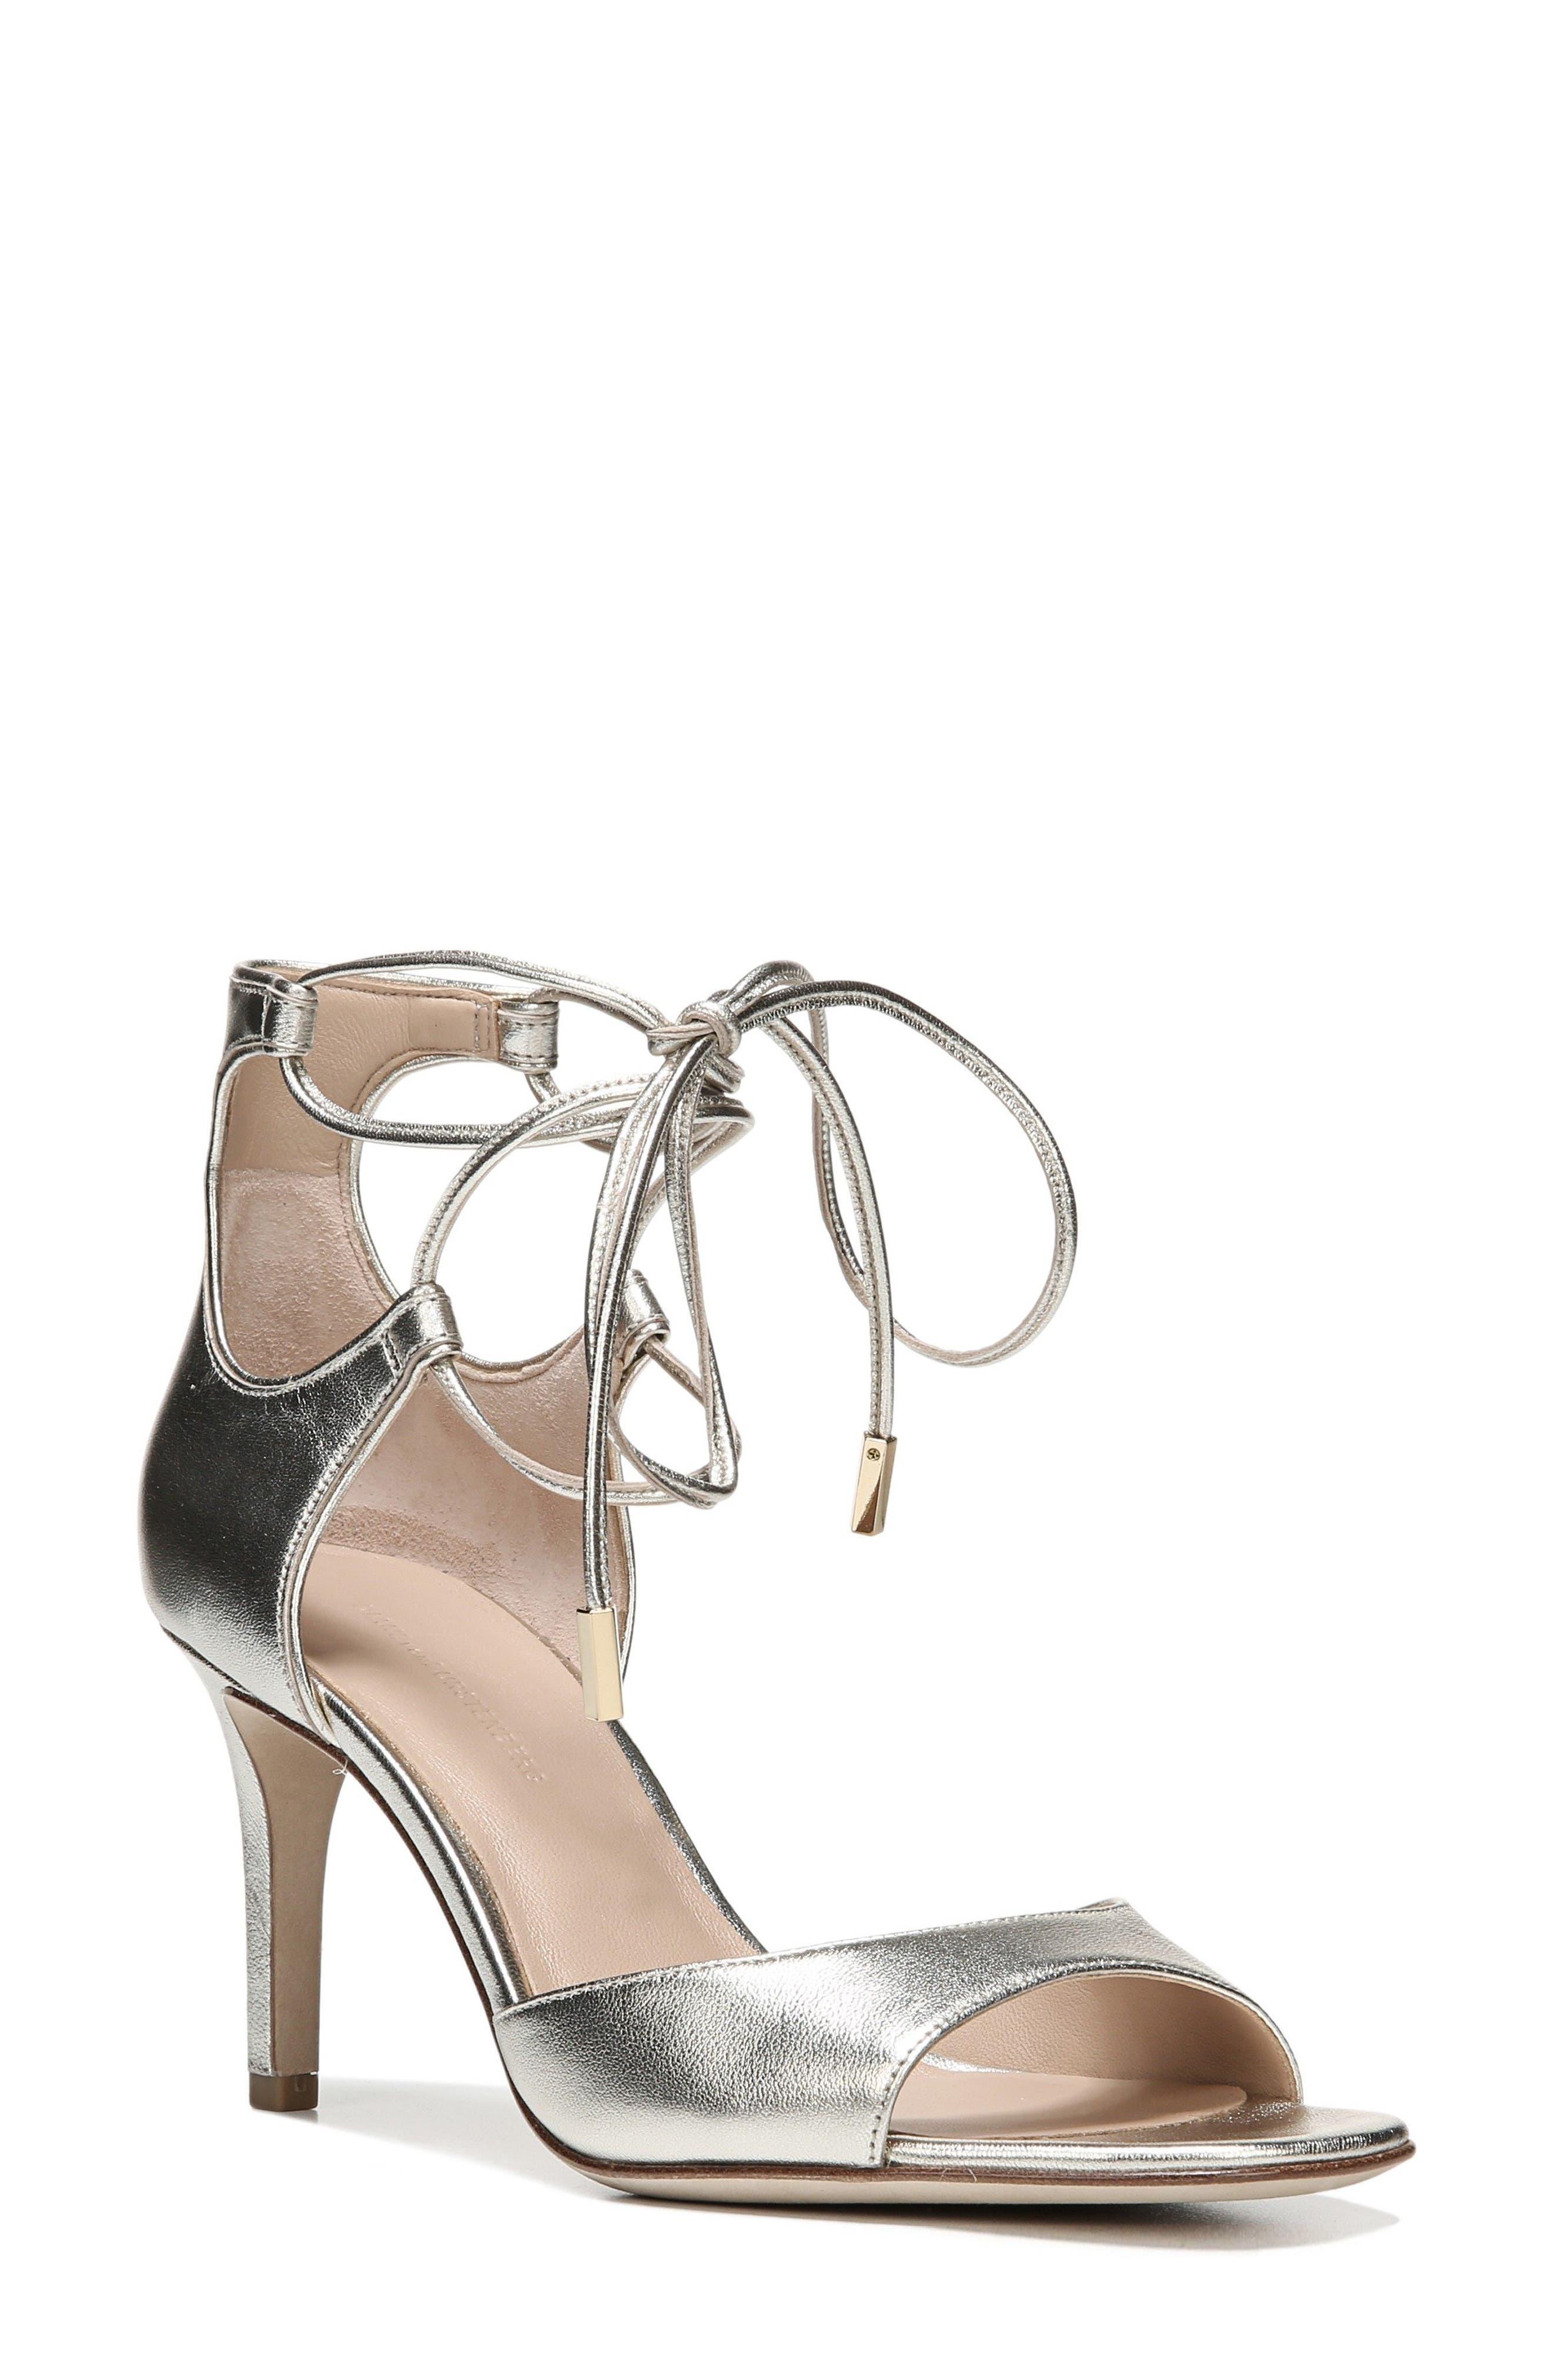 'Rimini' Ankle Wrap Sandal,                             Main thumbnail 1, color,                             Platino